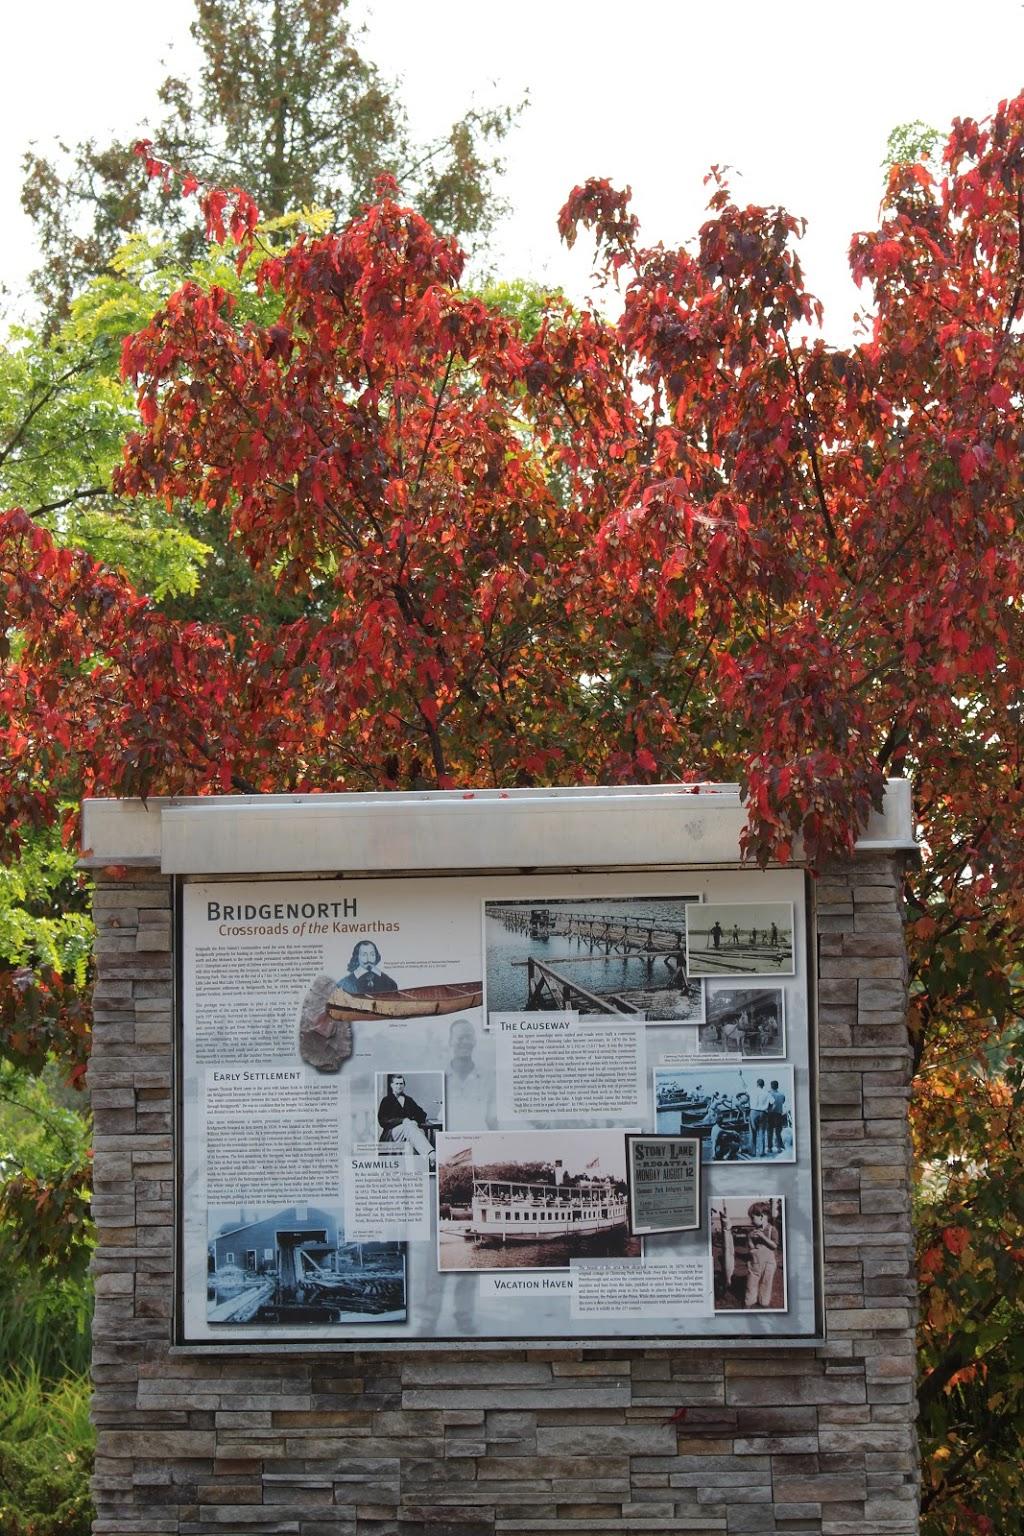 Selwyn Public Library | library | 836 Charles St, Bridgenorth, ON K0L 1H0, Canada | 7052925065 OR +1 705-292-5065